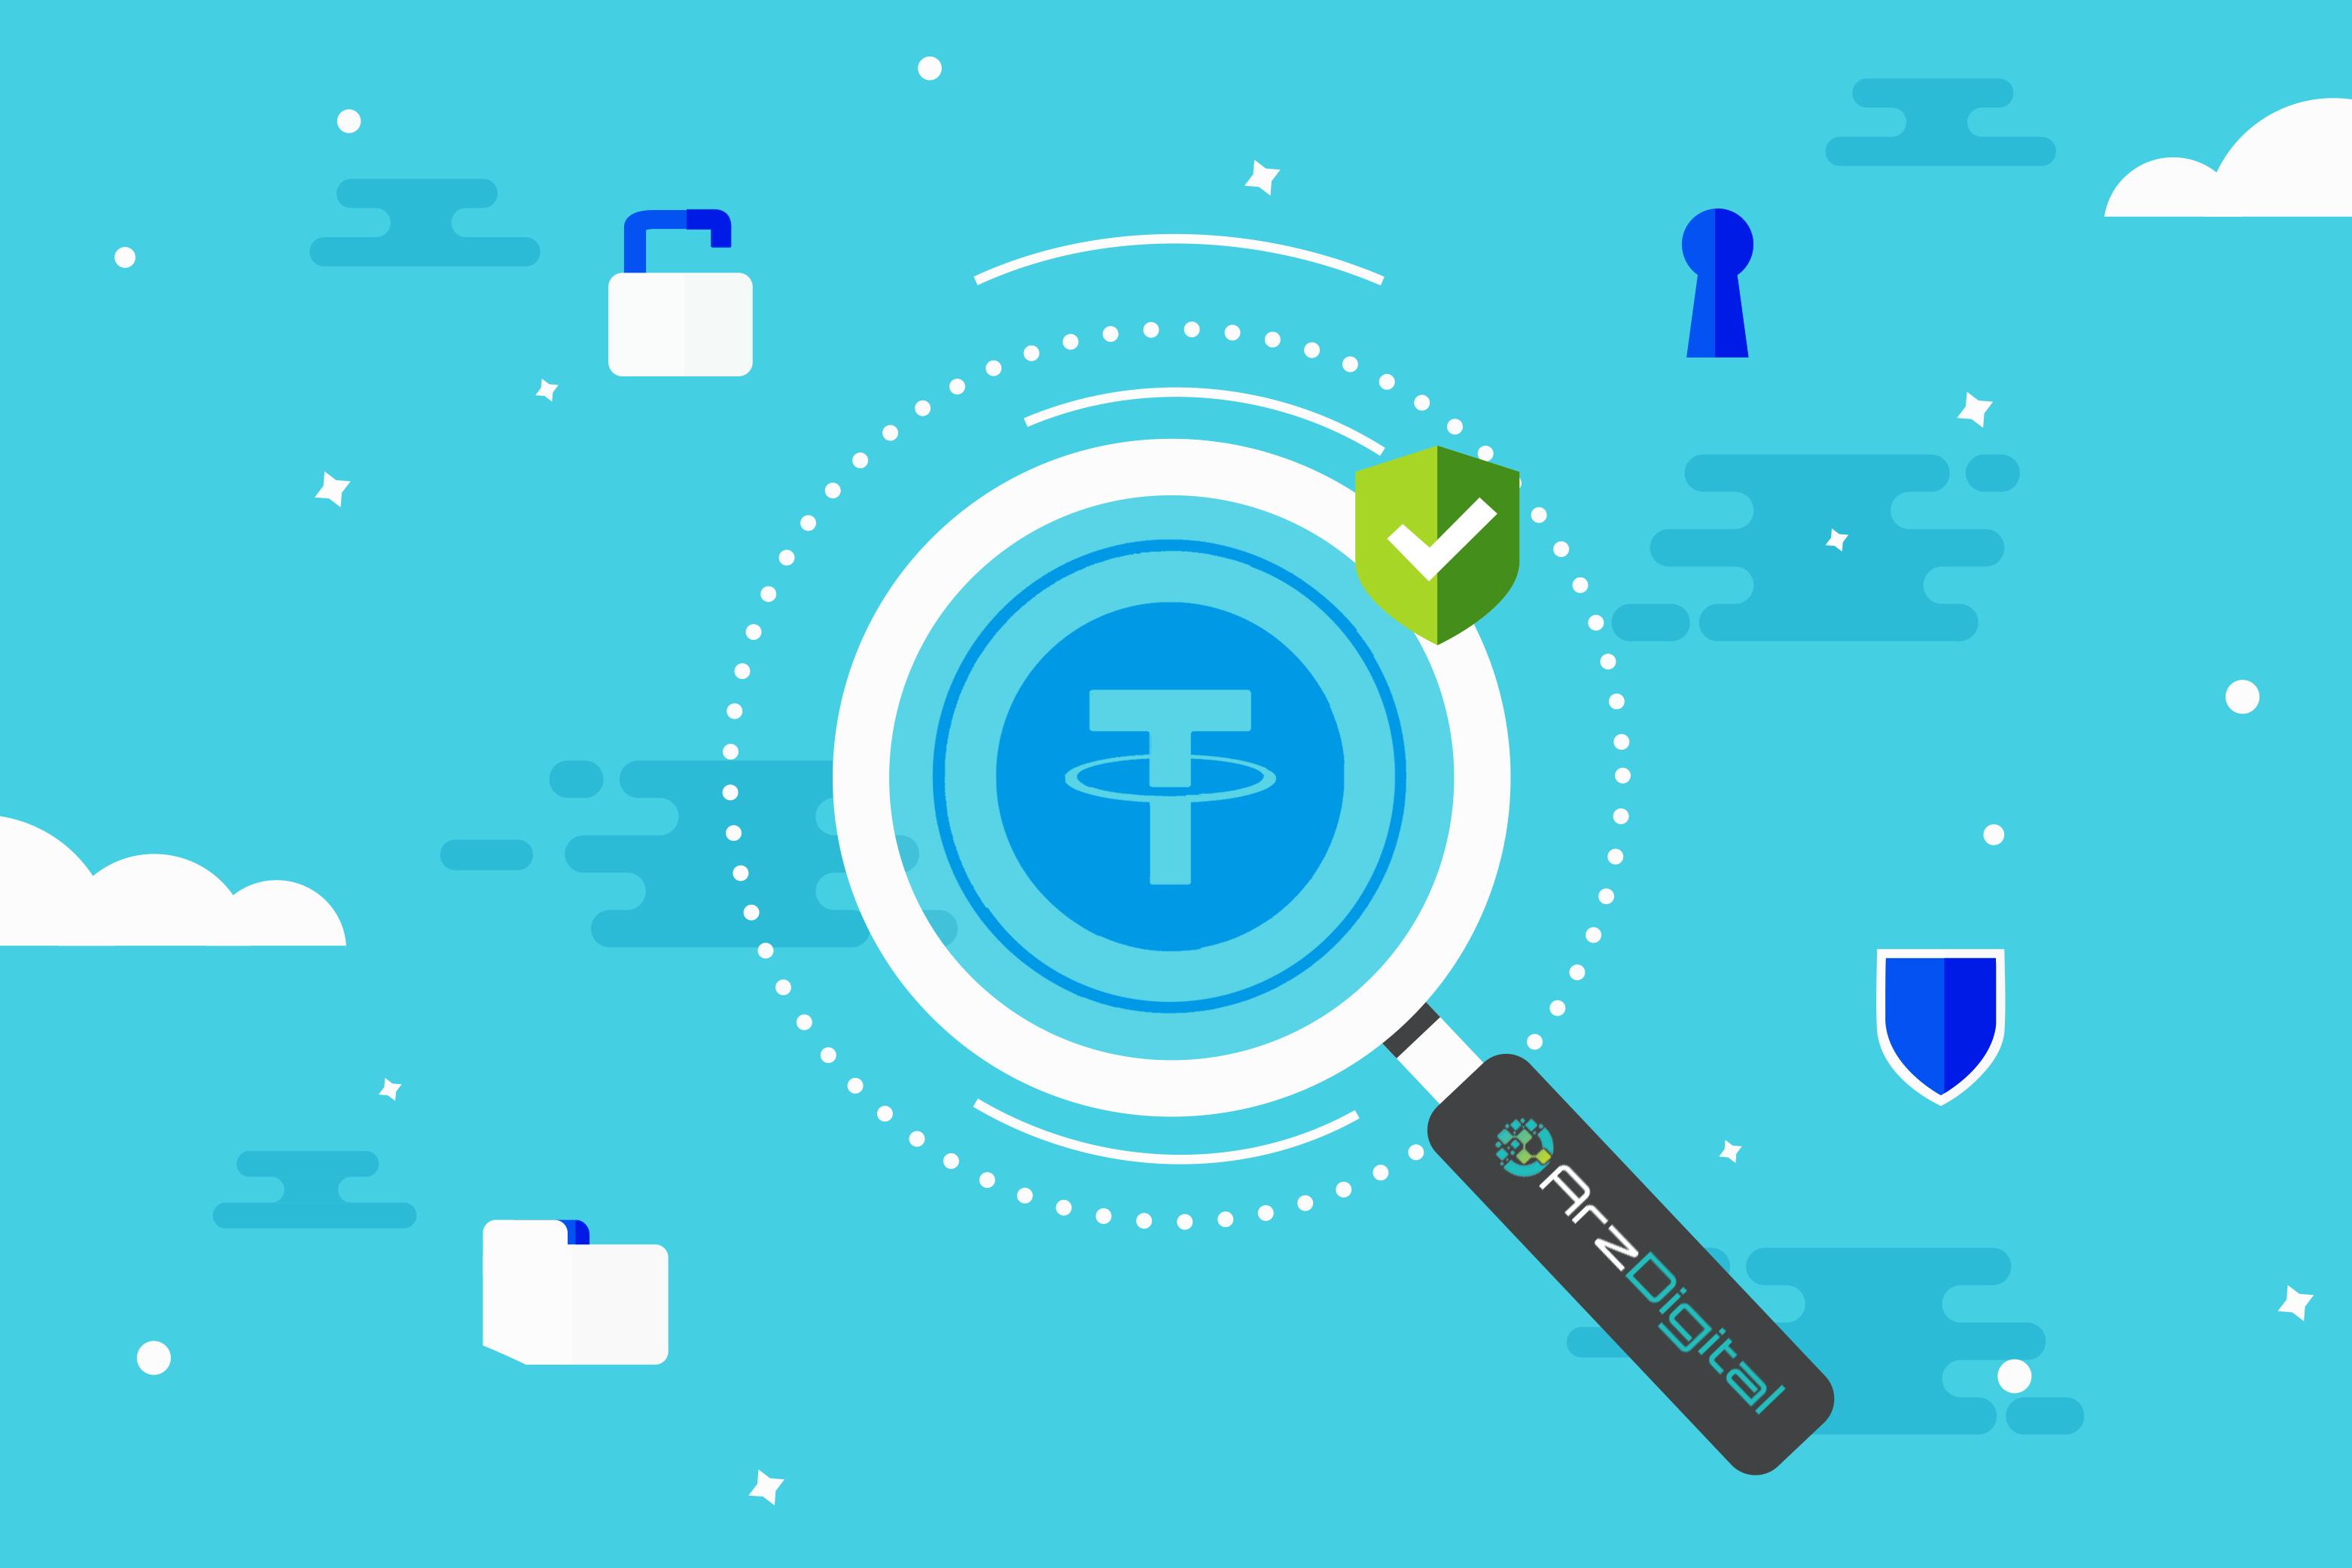 افزایش سریع عرضه ی Tether، موجب افزایش نگرانی ها درباره ی دستکاری و حساب سازی شده است